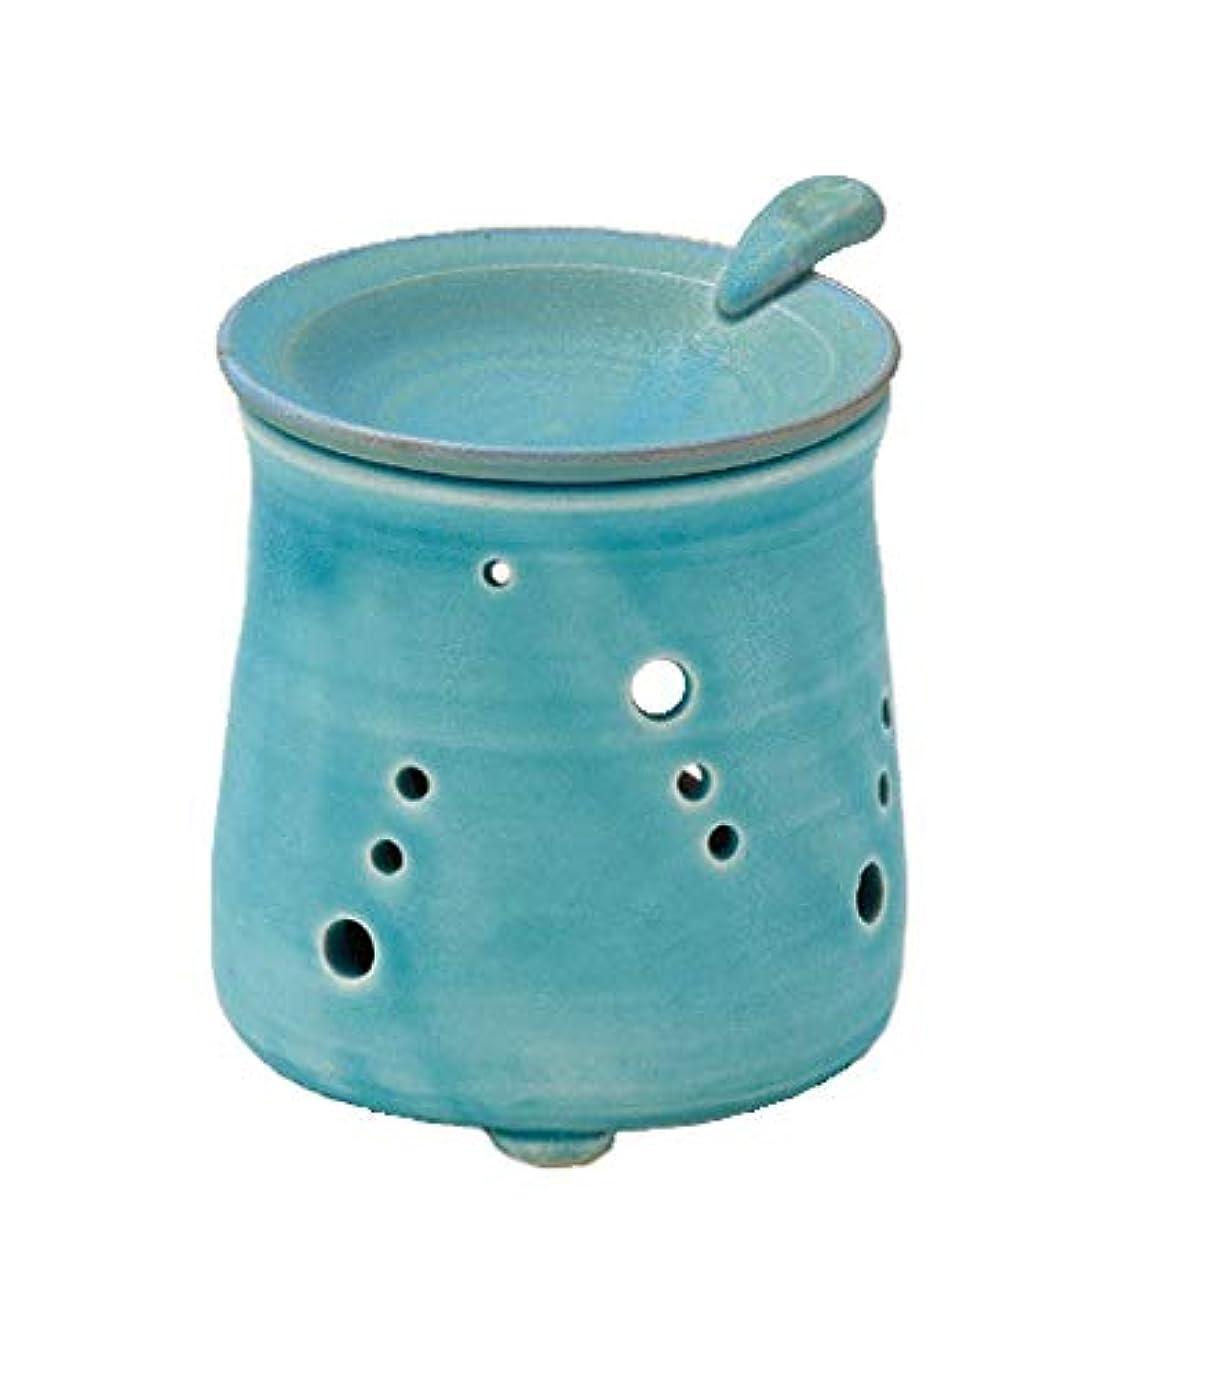 形式段落絶壁ヤマキイカイ(Yamakiikai) 置物 ブルー 径9.5cm 山田トルコブルー 茶香炉 L1616